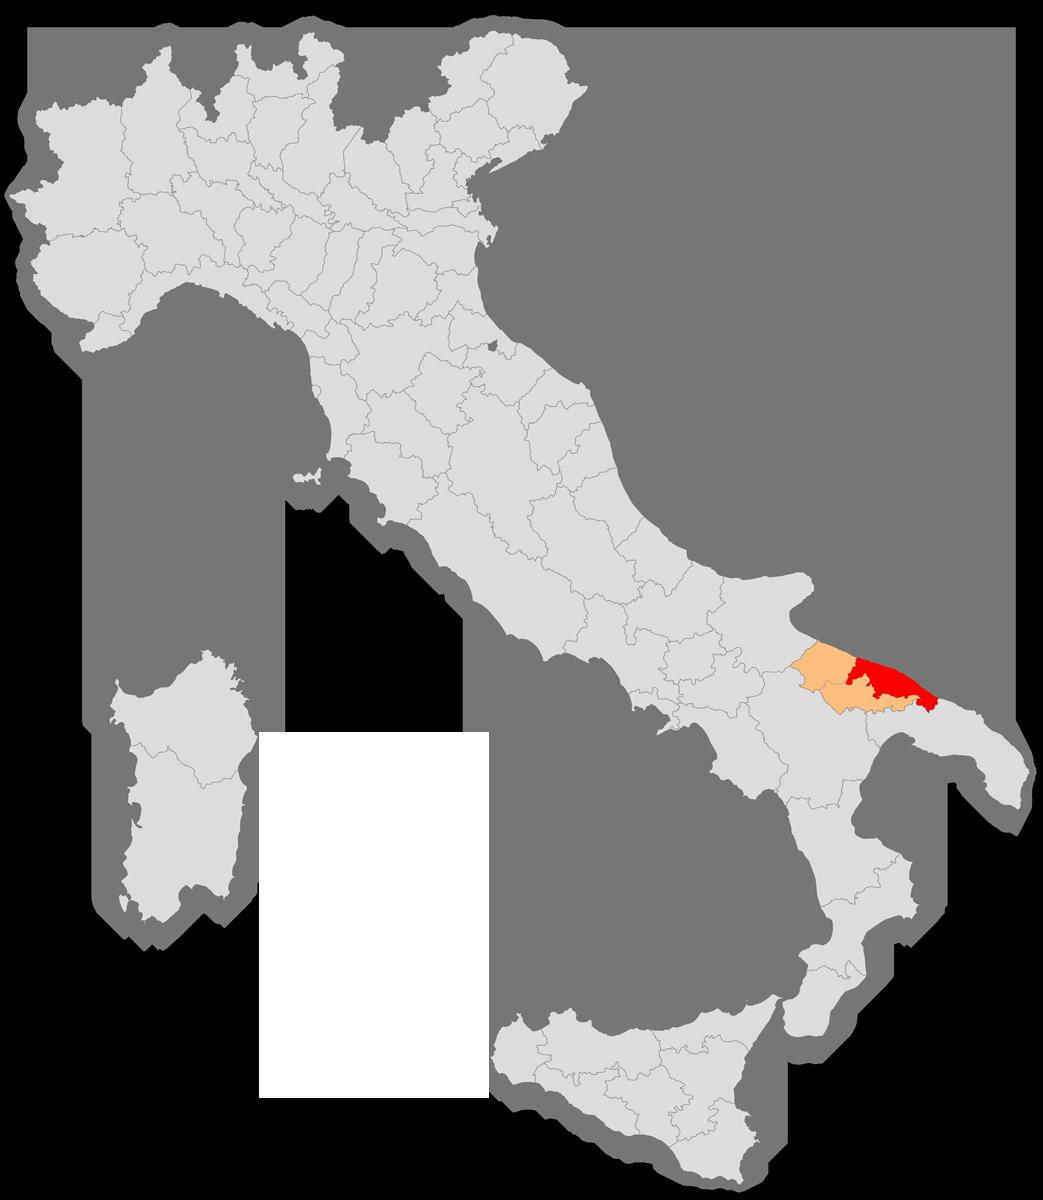 Carbonara Di Bari Storia circondario di bari delle puglie - wikipedia